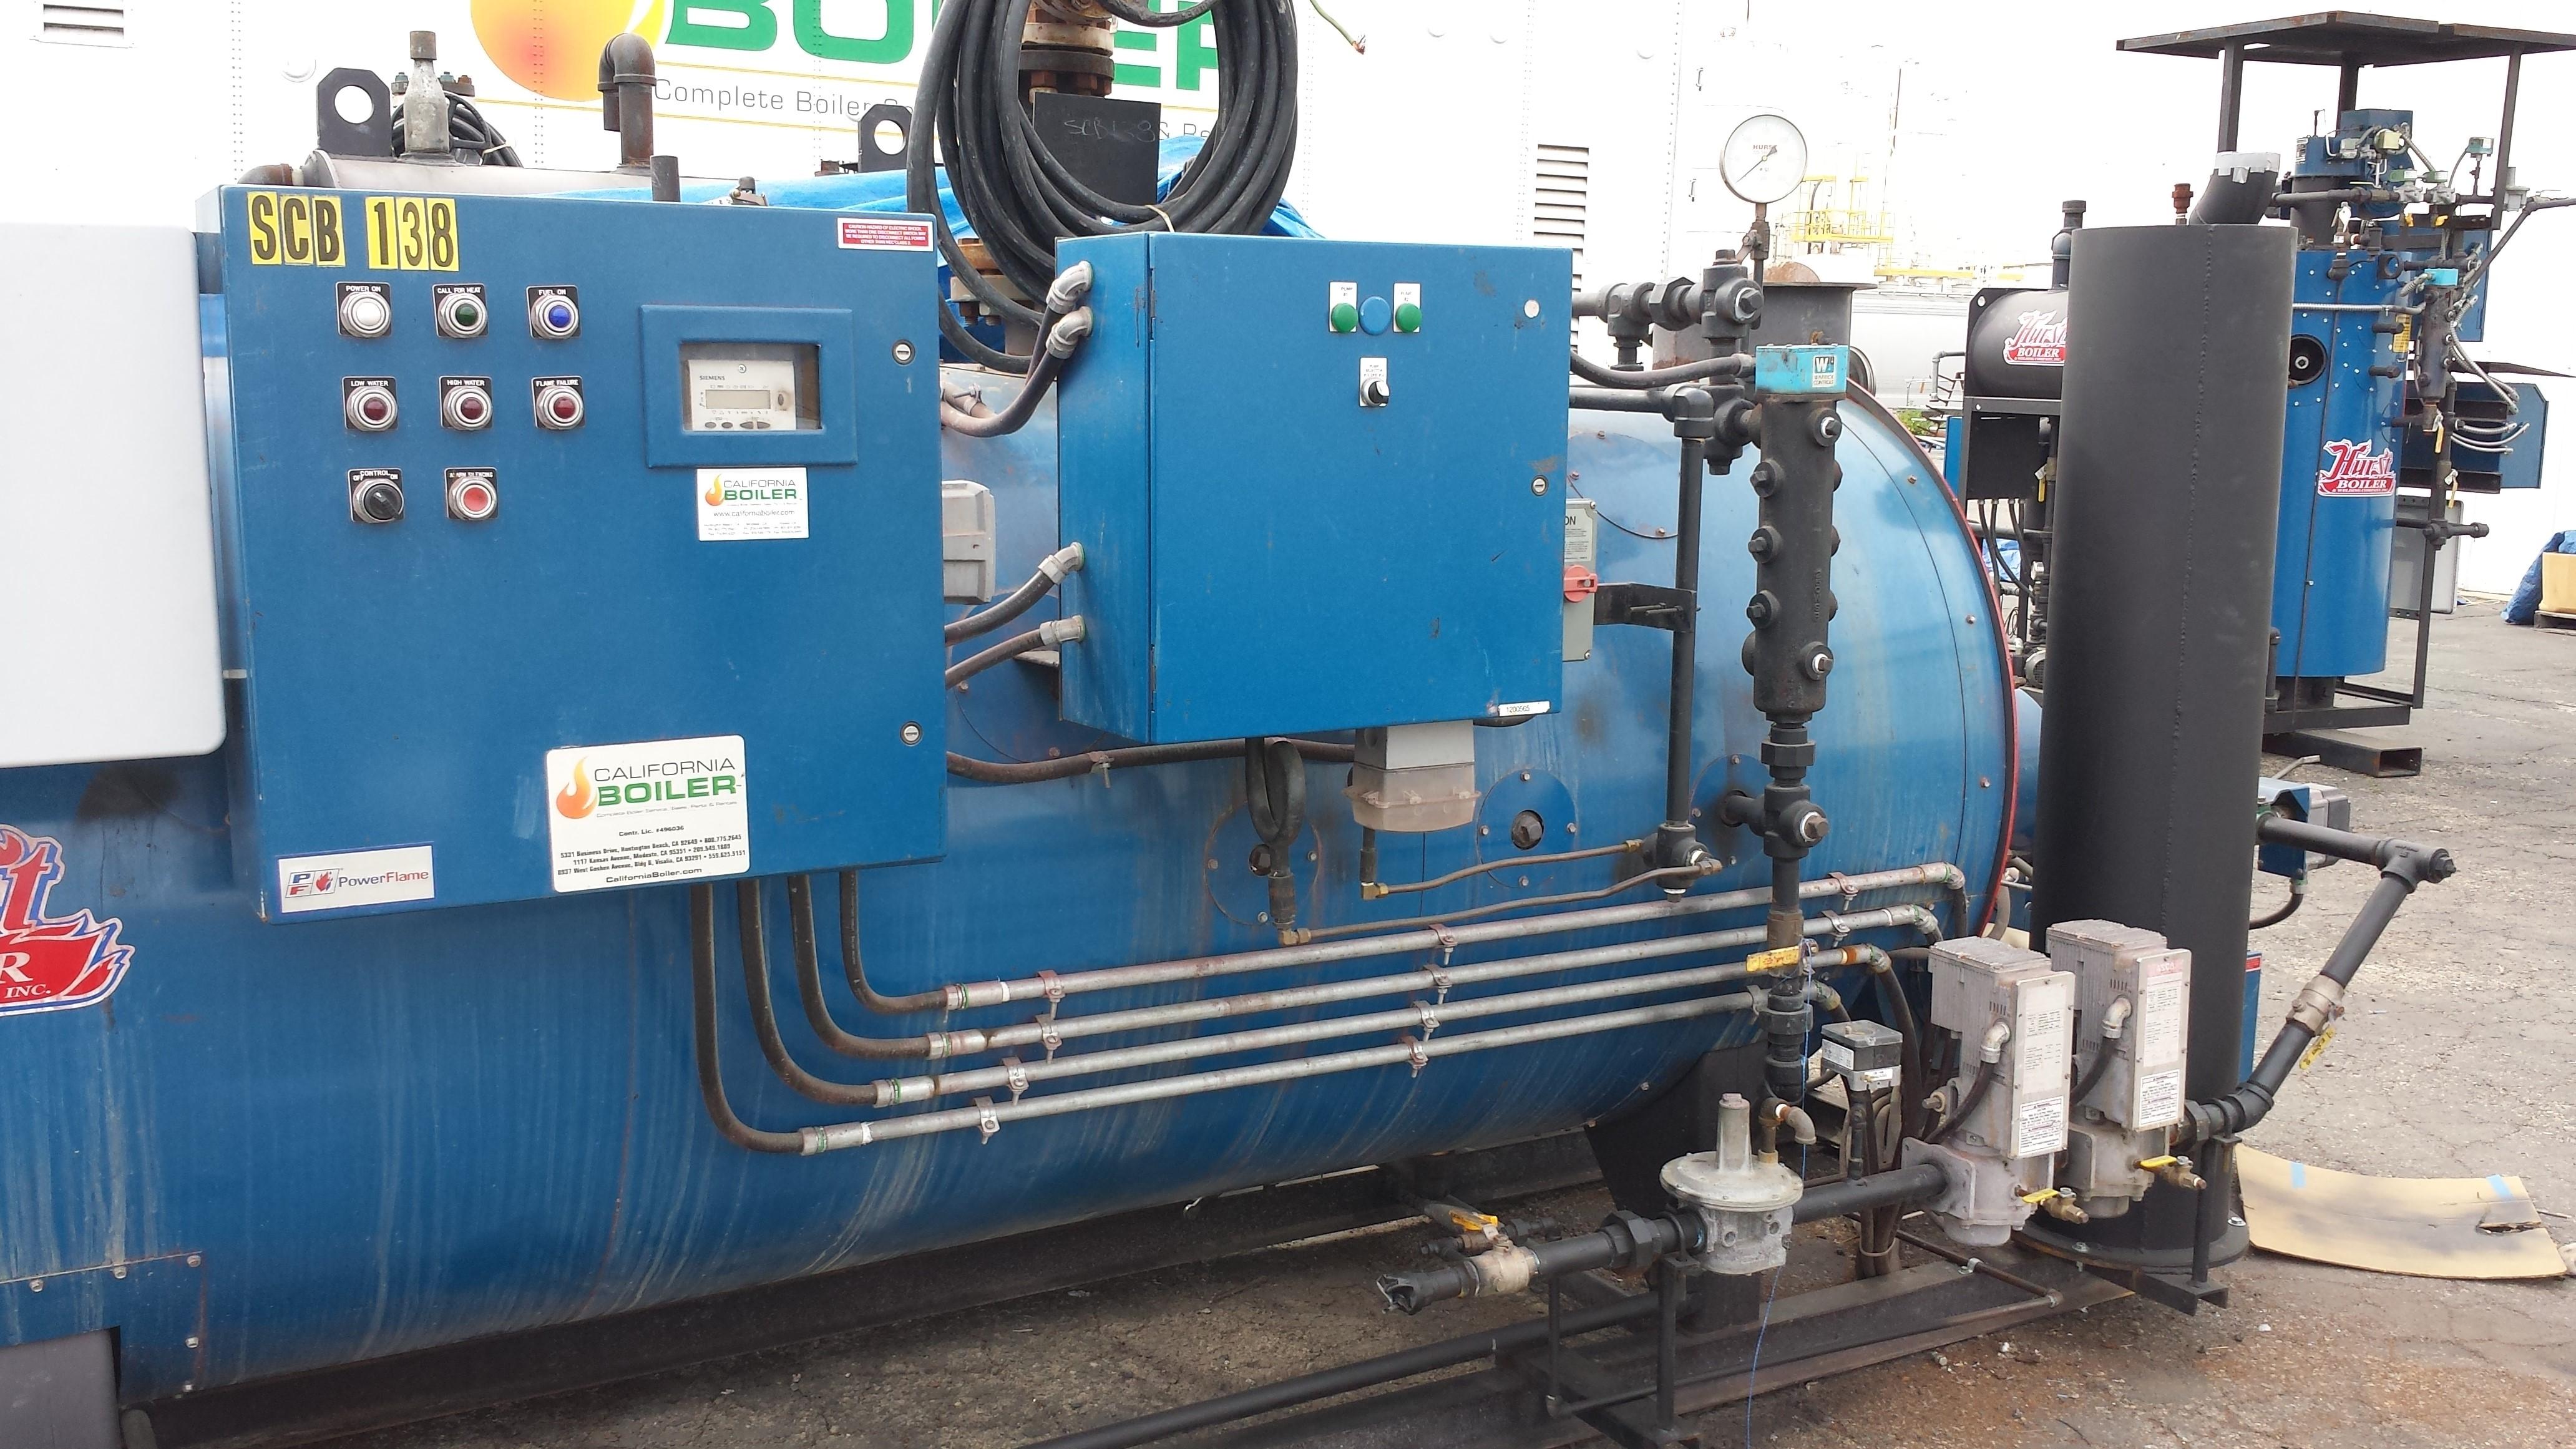 SCB-138   50HP Hurst Skid Package Boiler for Rent